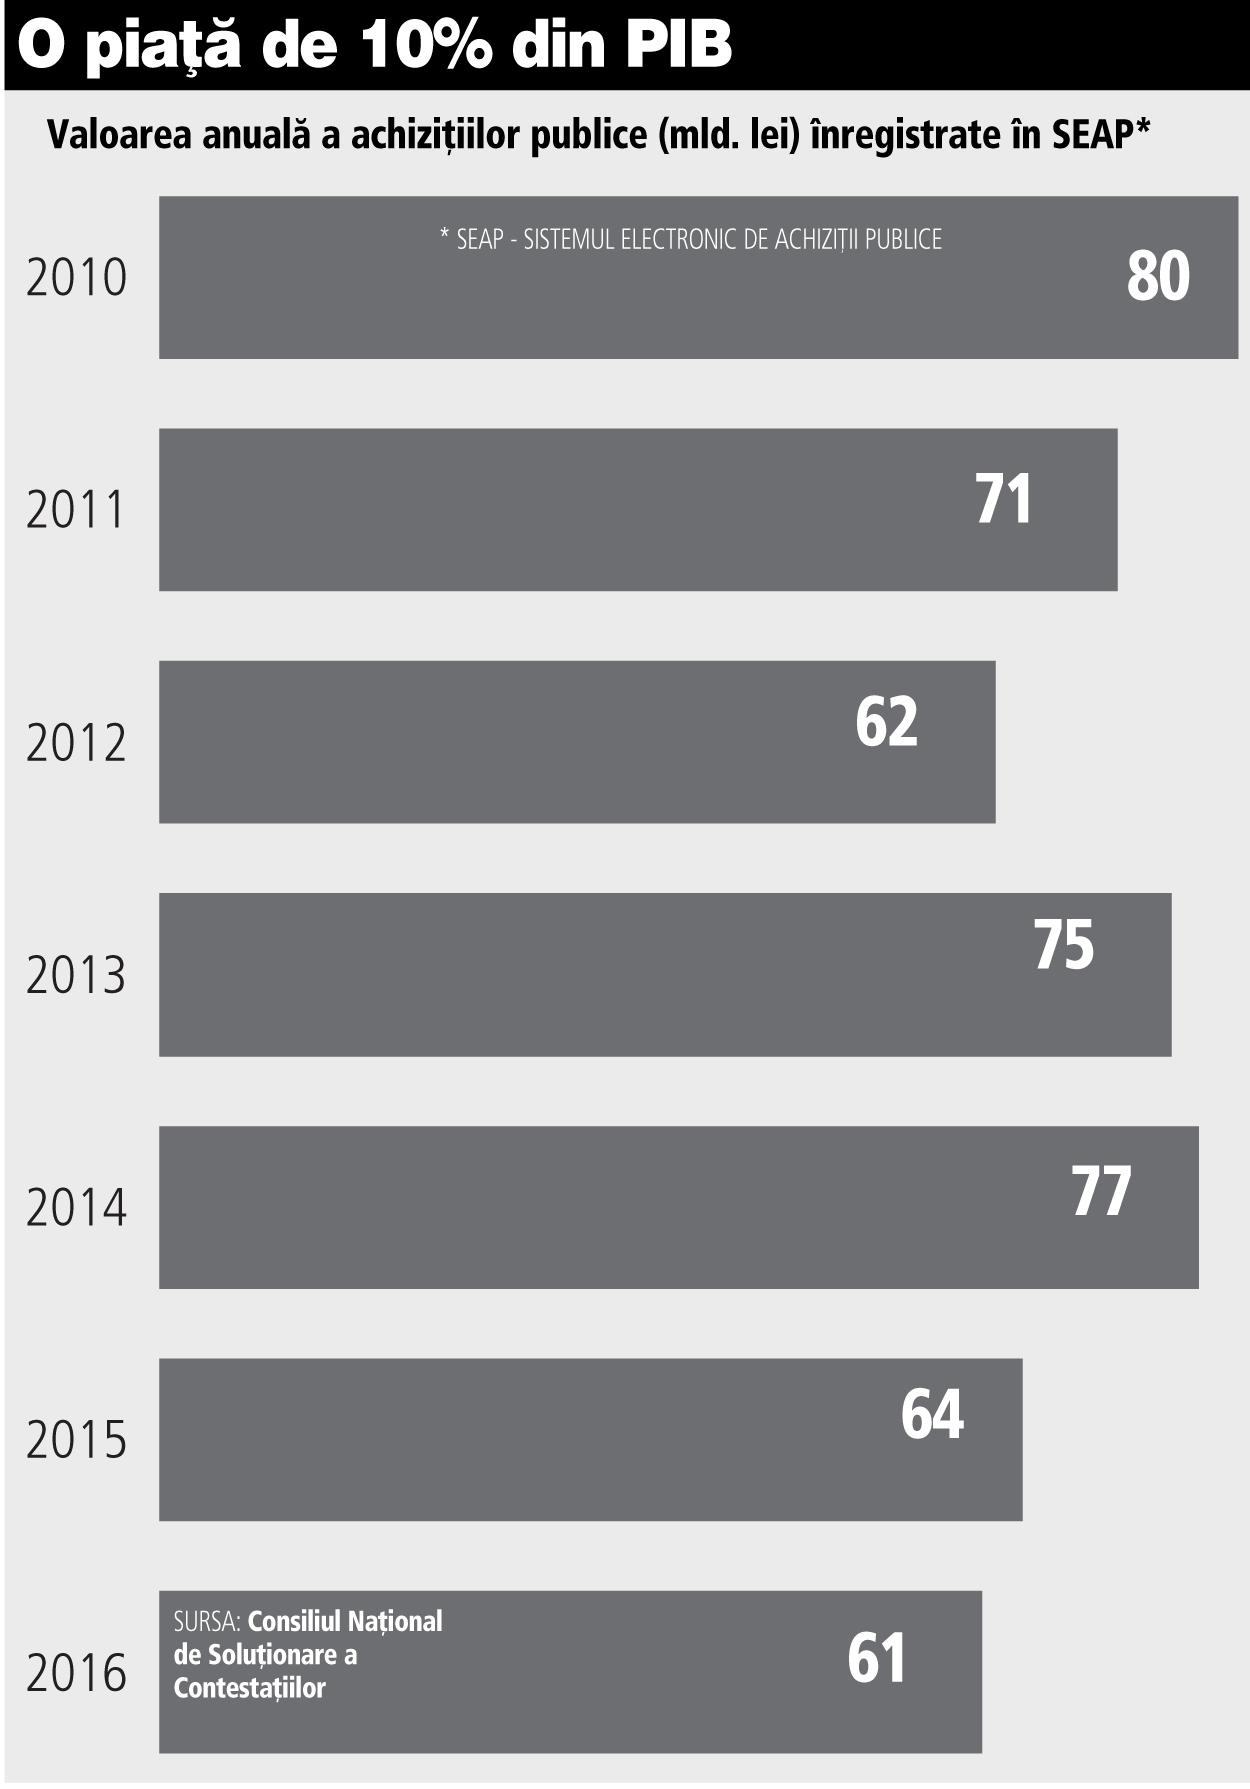 Grafic: Valoarea anuală a achiziţiilor publice (mld. lei) înregistrate în SEAP (2010-2016)